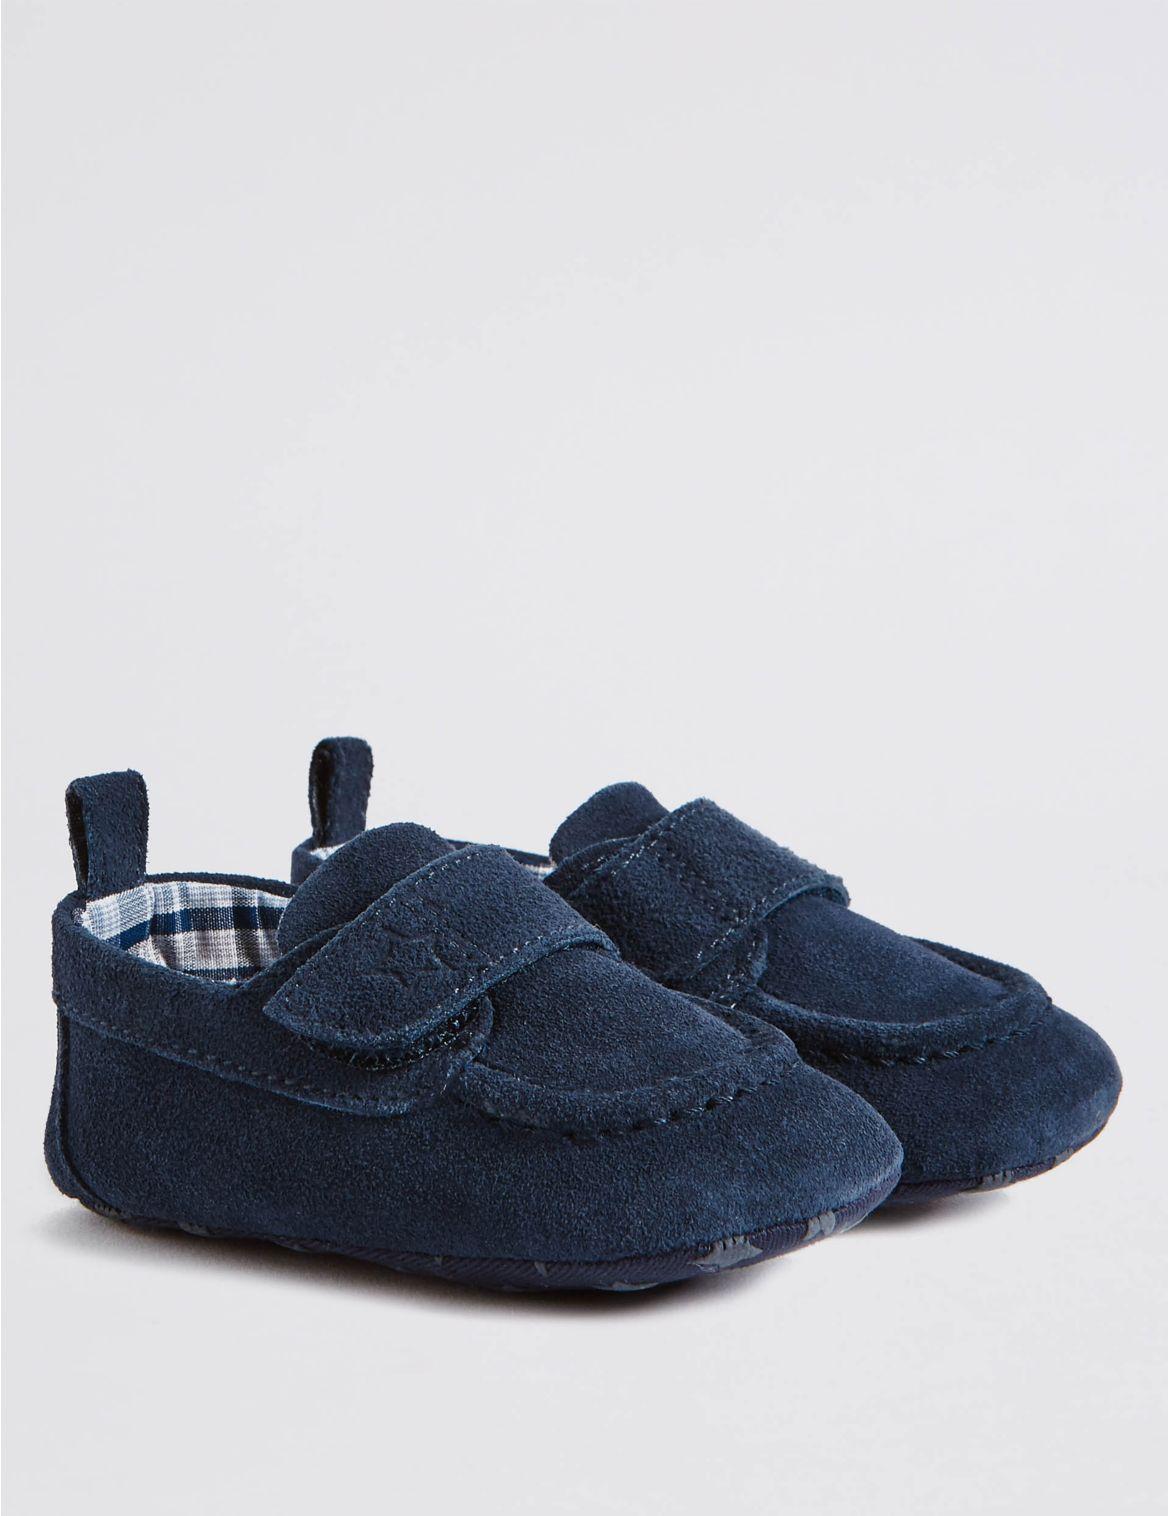 Chaussures b??b?? en daim. StyleForme du produit:Chaussures b??b??s;Fermeture par bande auto-agrippante